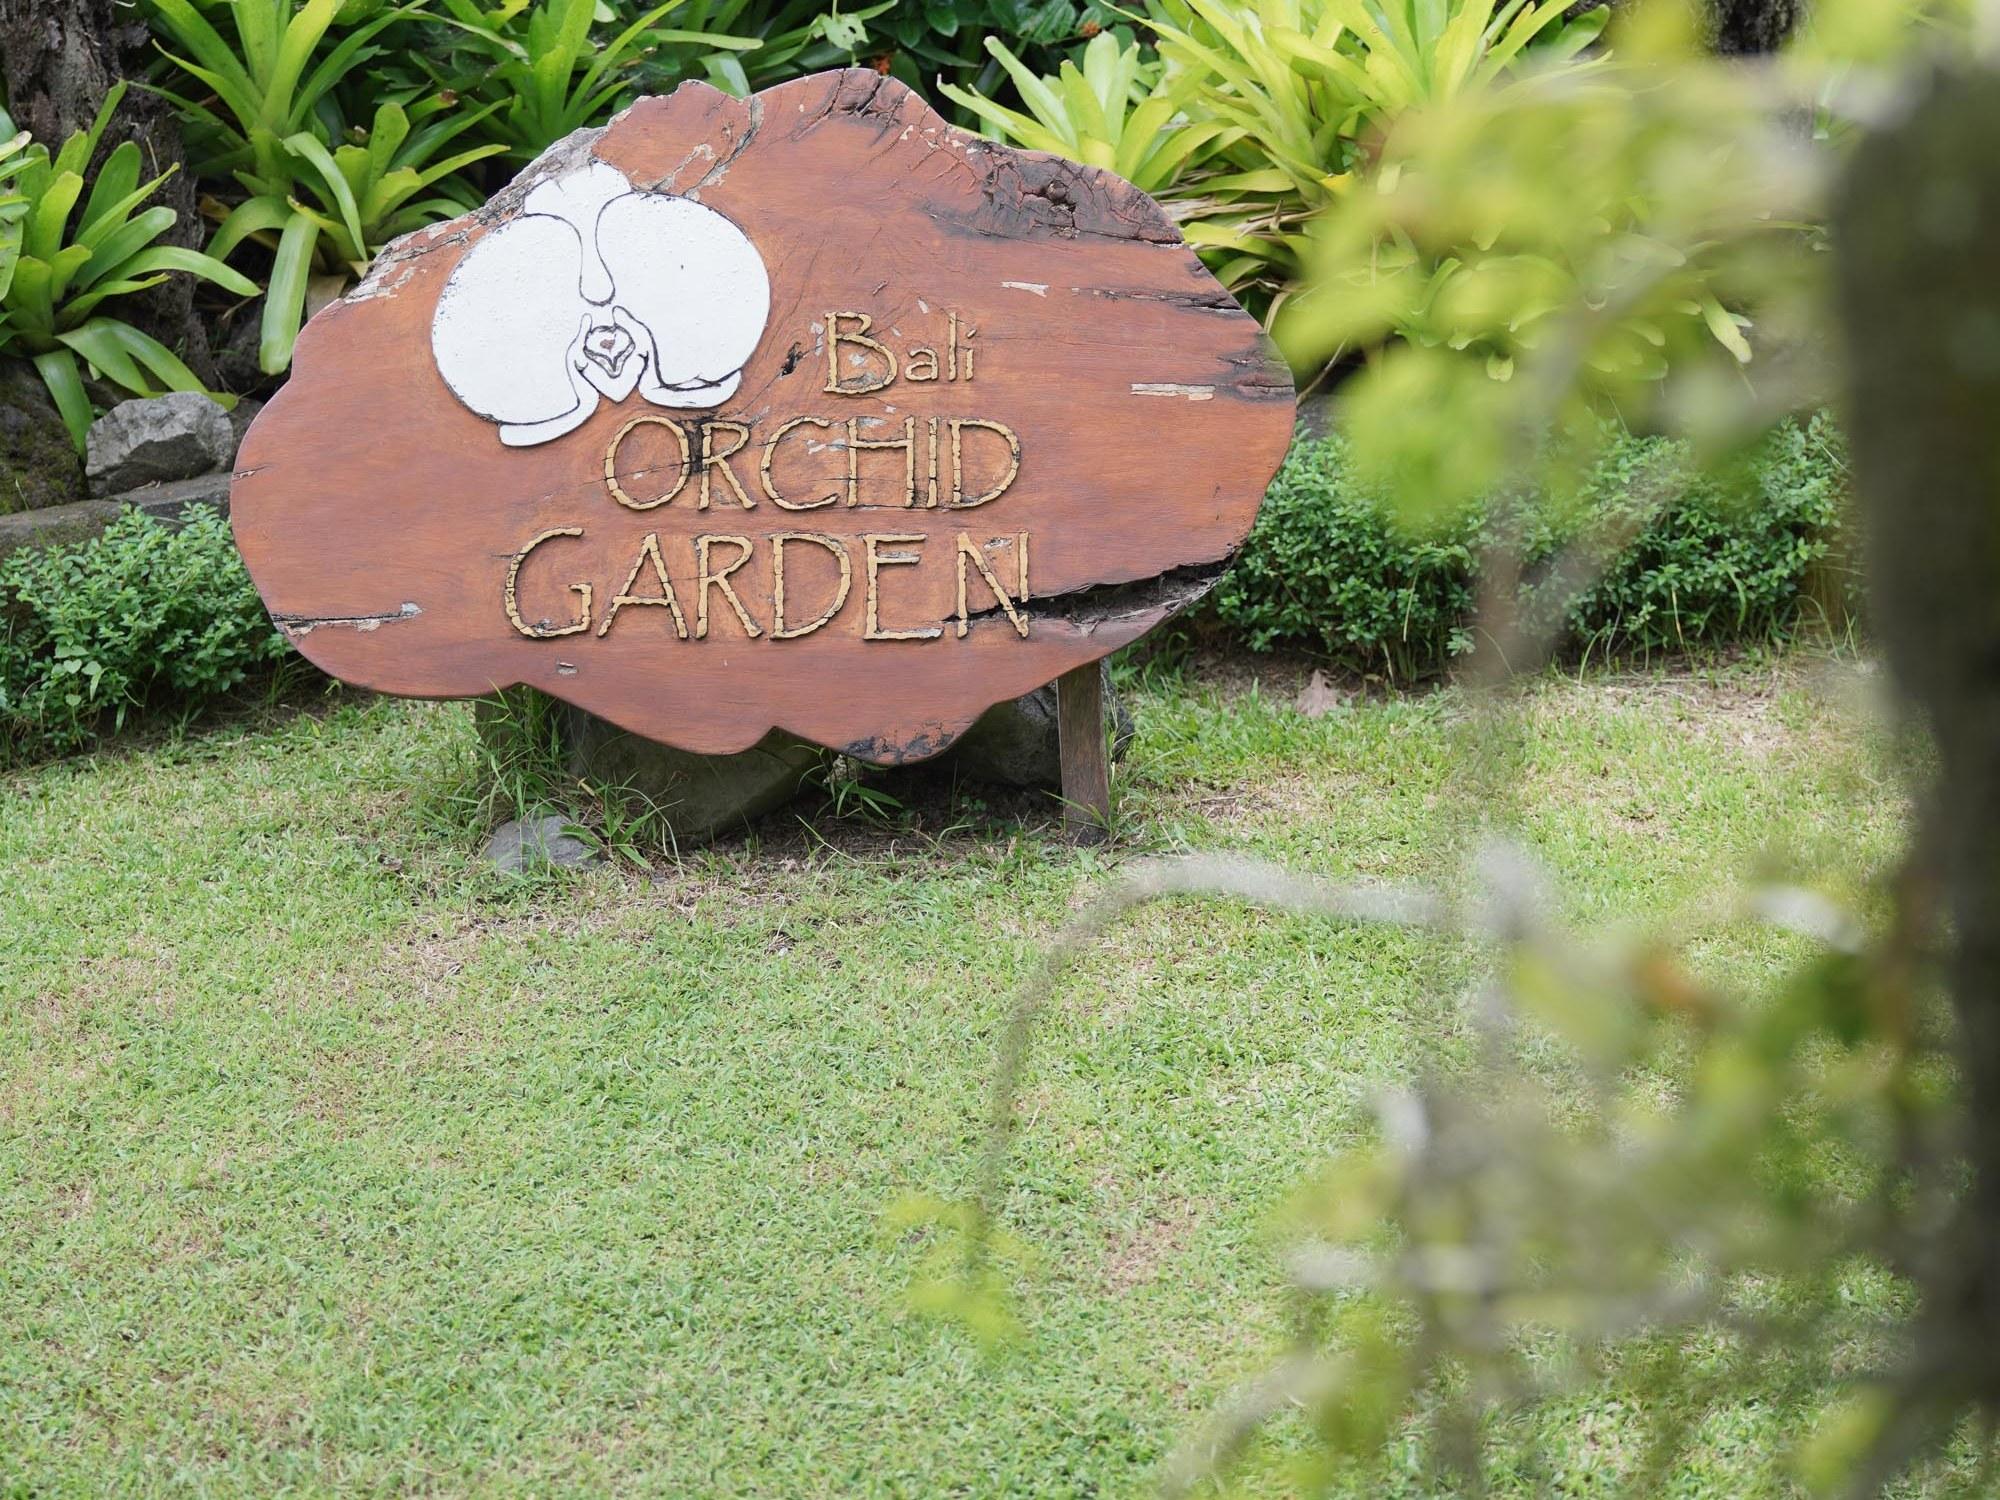 バリ・オーキッド・ガーデン